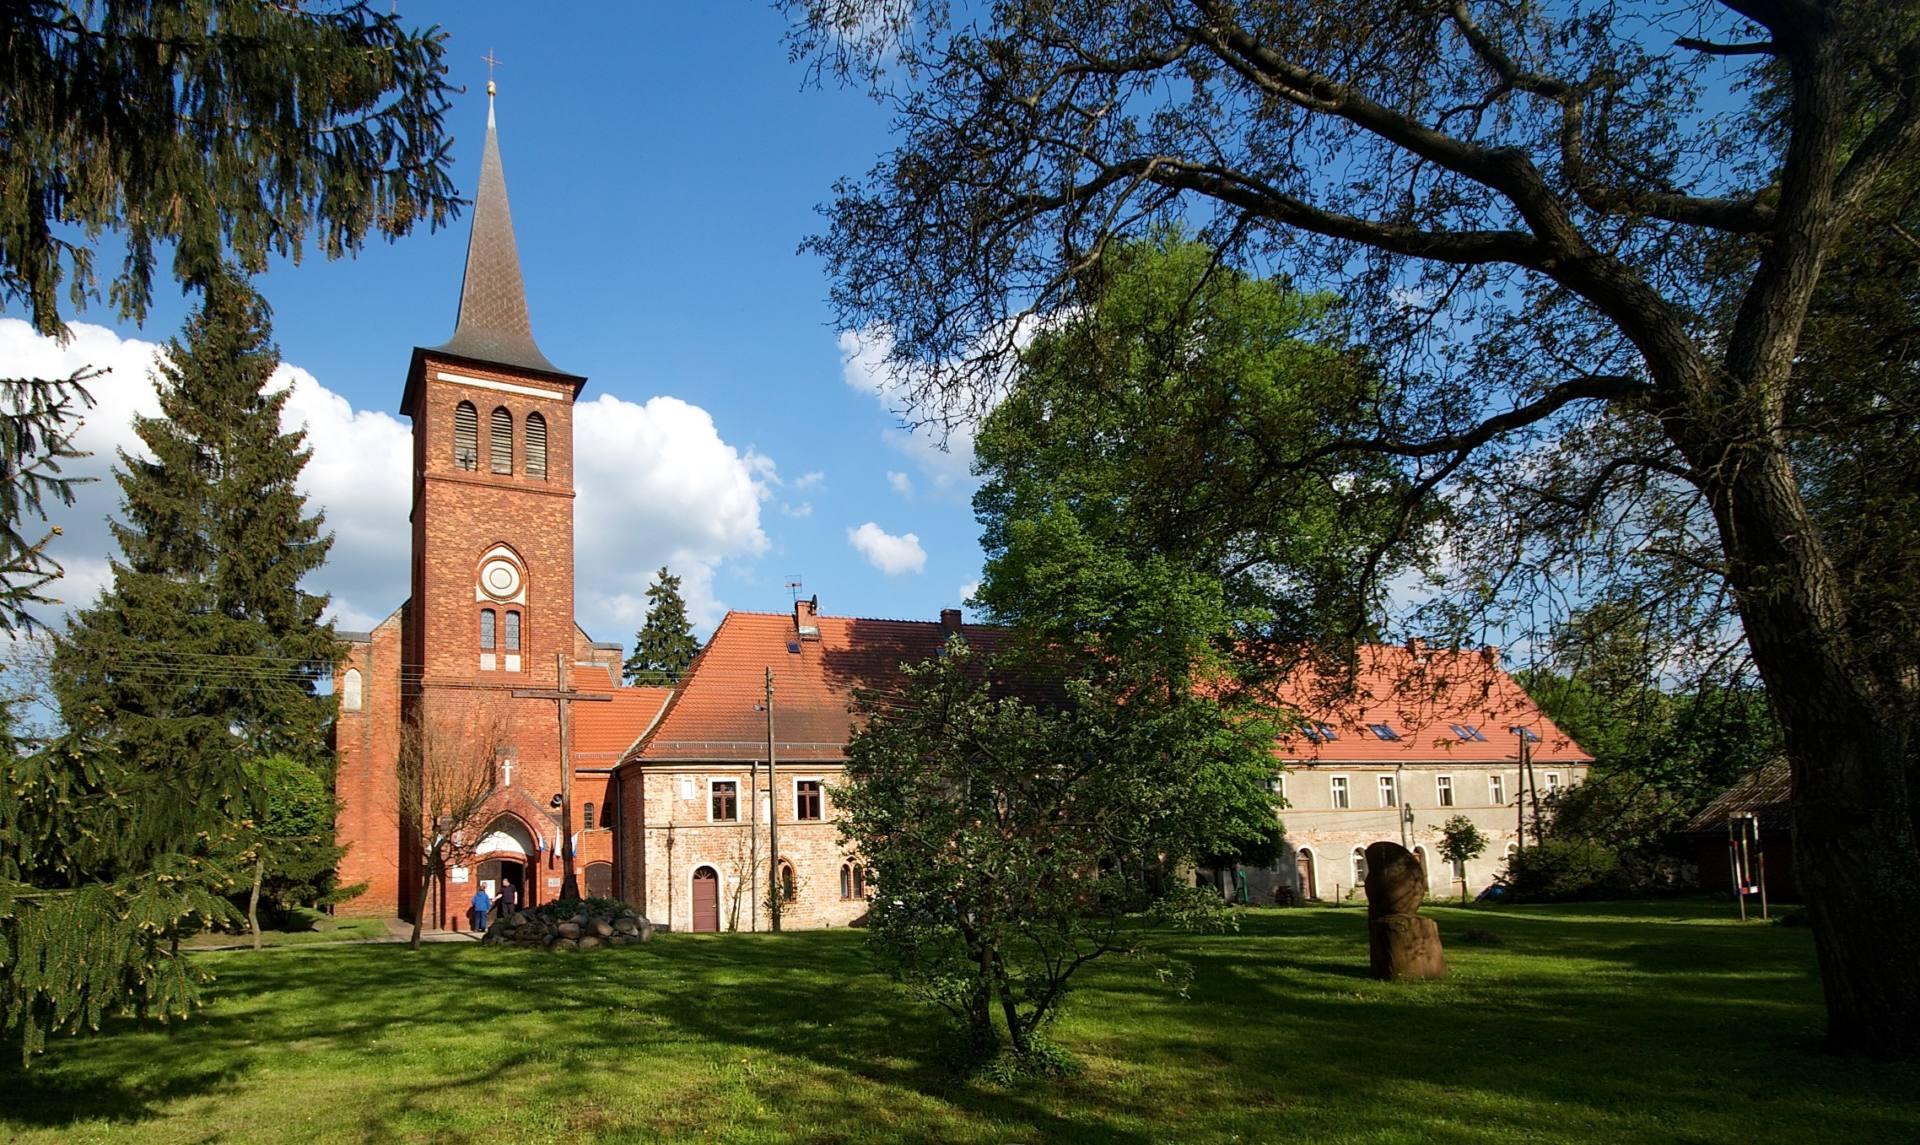 Bild eines Klosters - Zisterzienserinnenkloster Marienfließ (Marianowo)